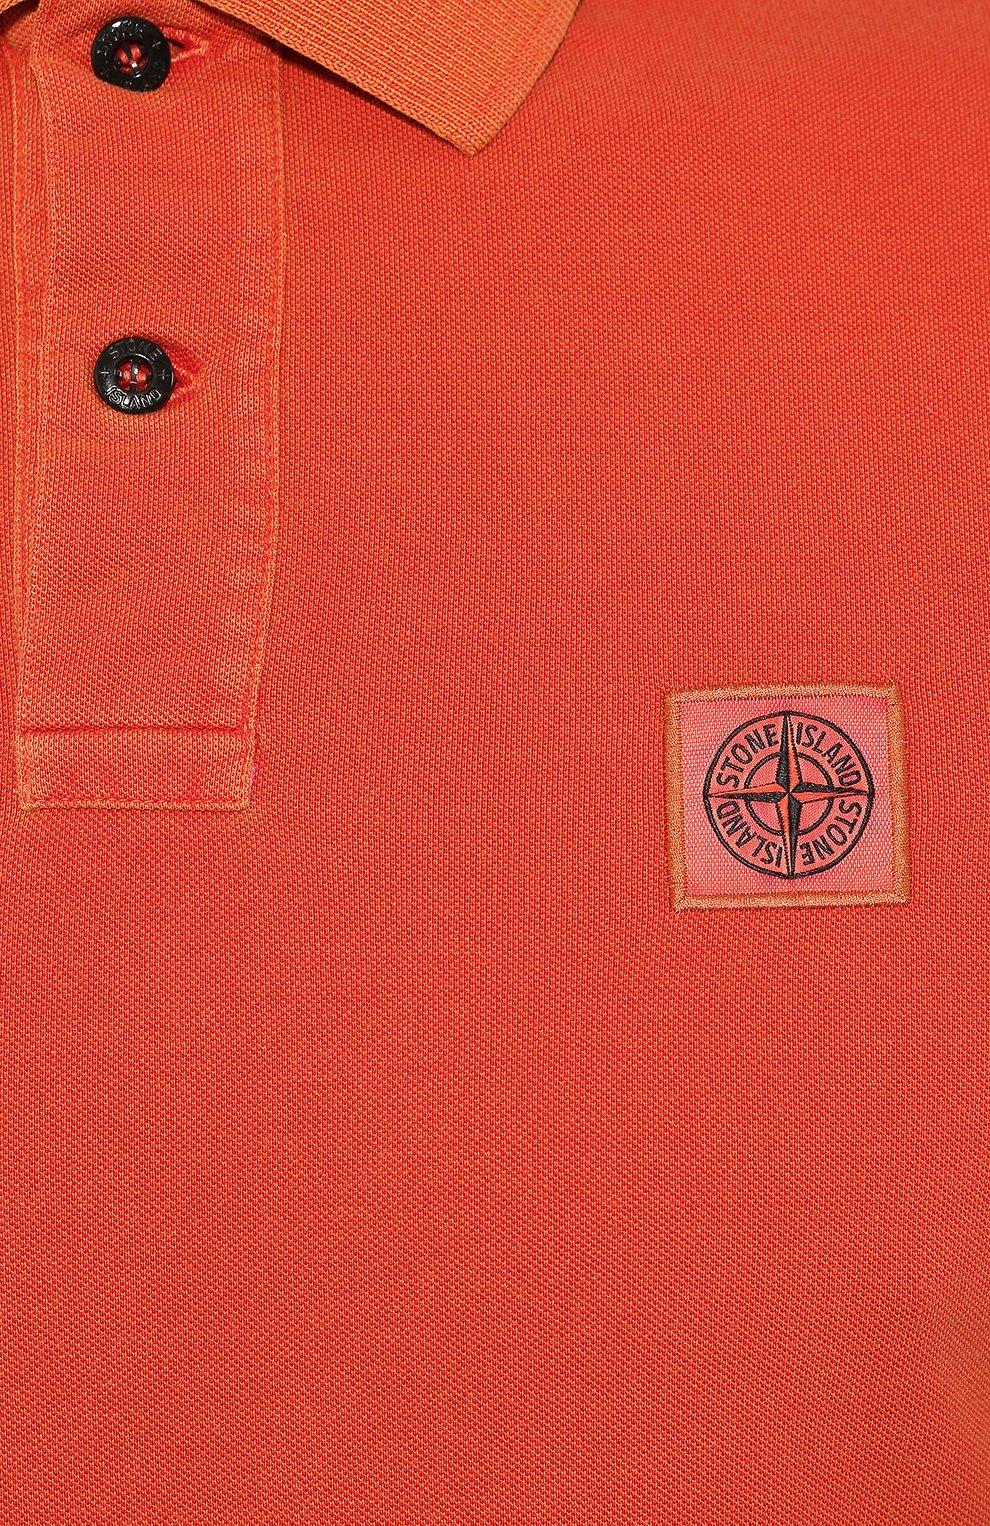 Мужское хлопковое поло STONE ISLAND оранжевого цвета, арт. 711522S67 | Фото 5